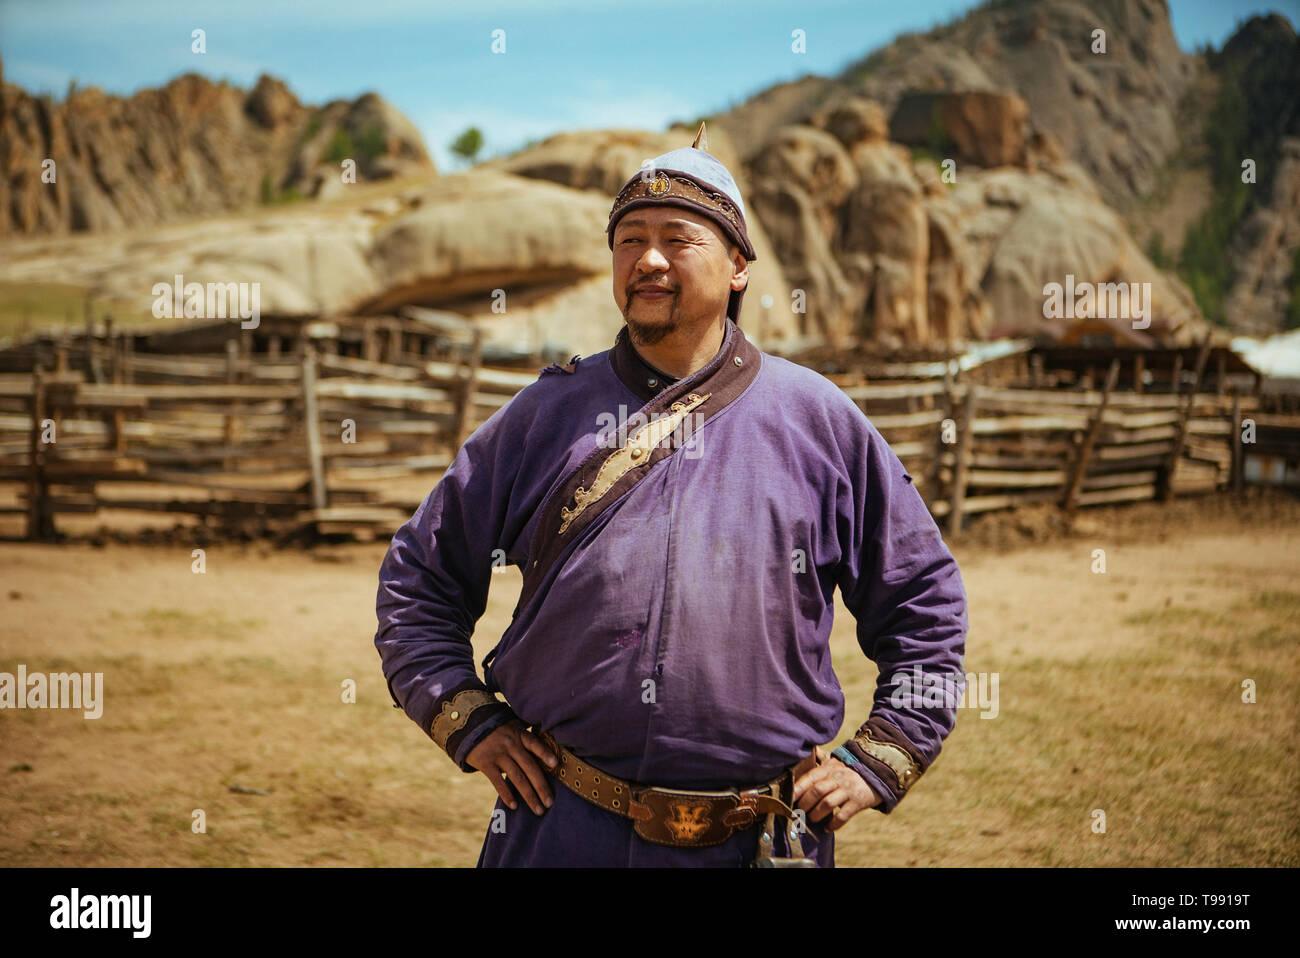 Nomad en costume traditionnel mongol, Suisse, désert de Gobi, Mongolie Banque D'Images